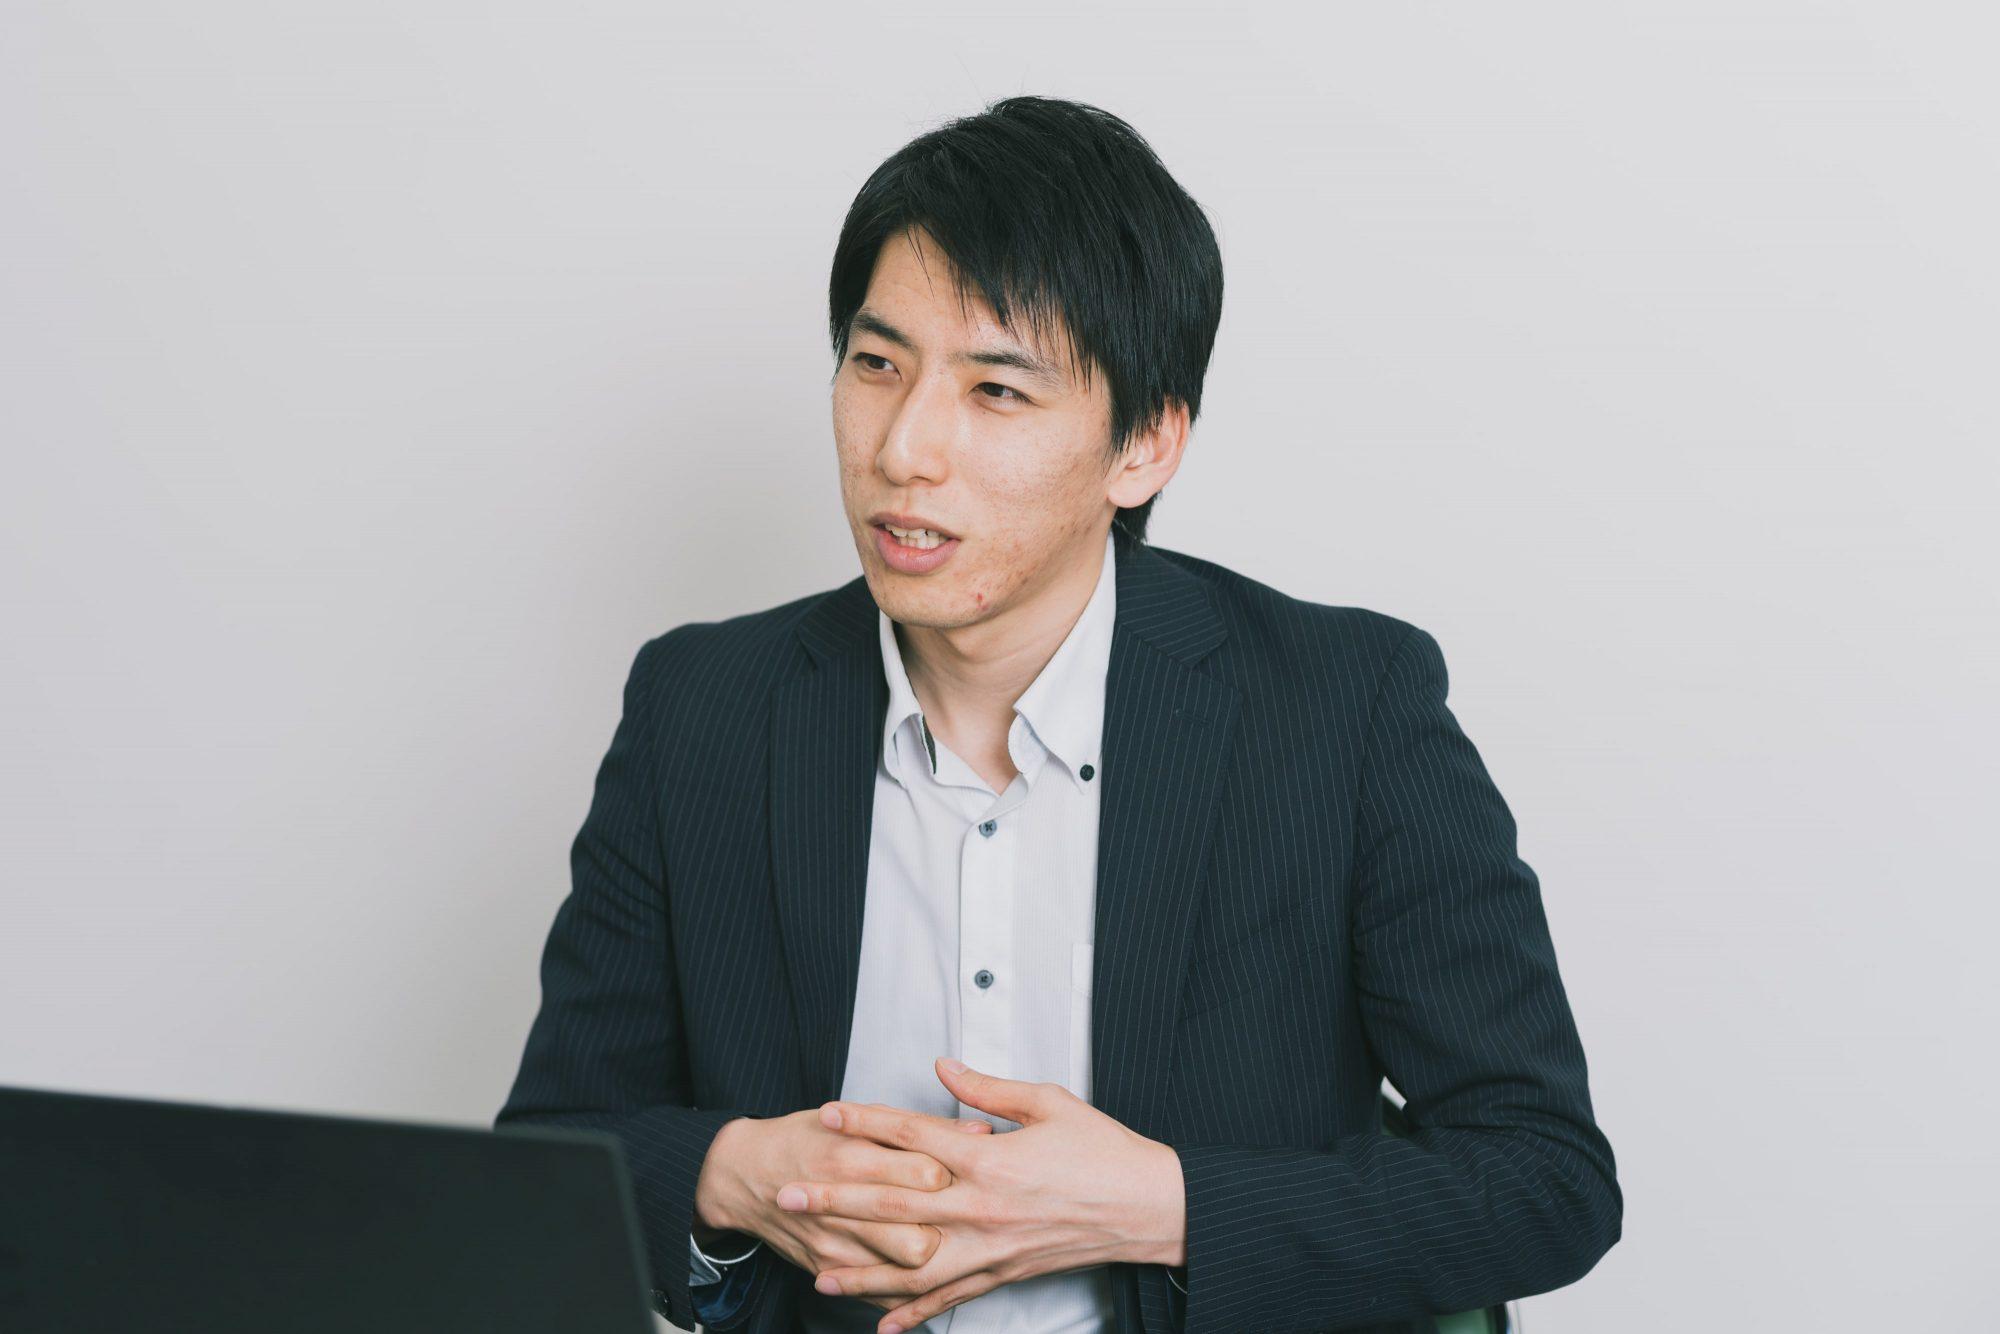 株式会社ファクトリーエージェント 植木 勇太プロジェクトマネージャー